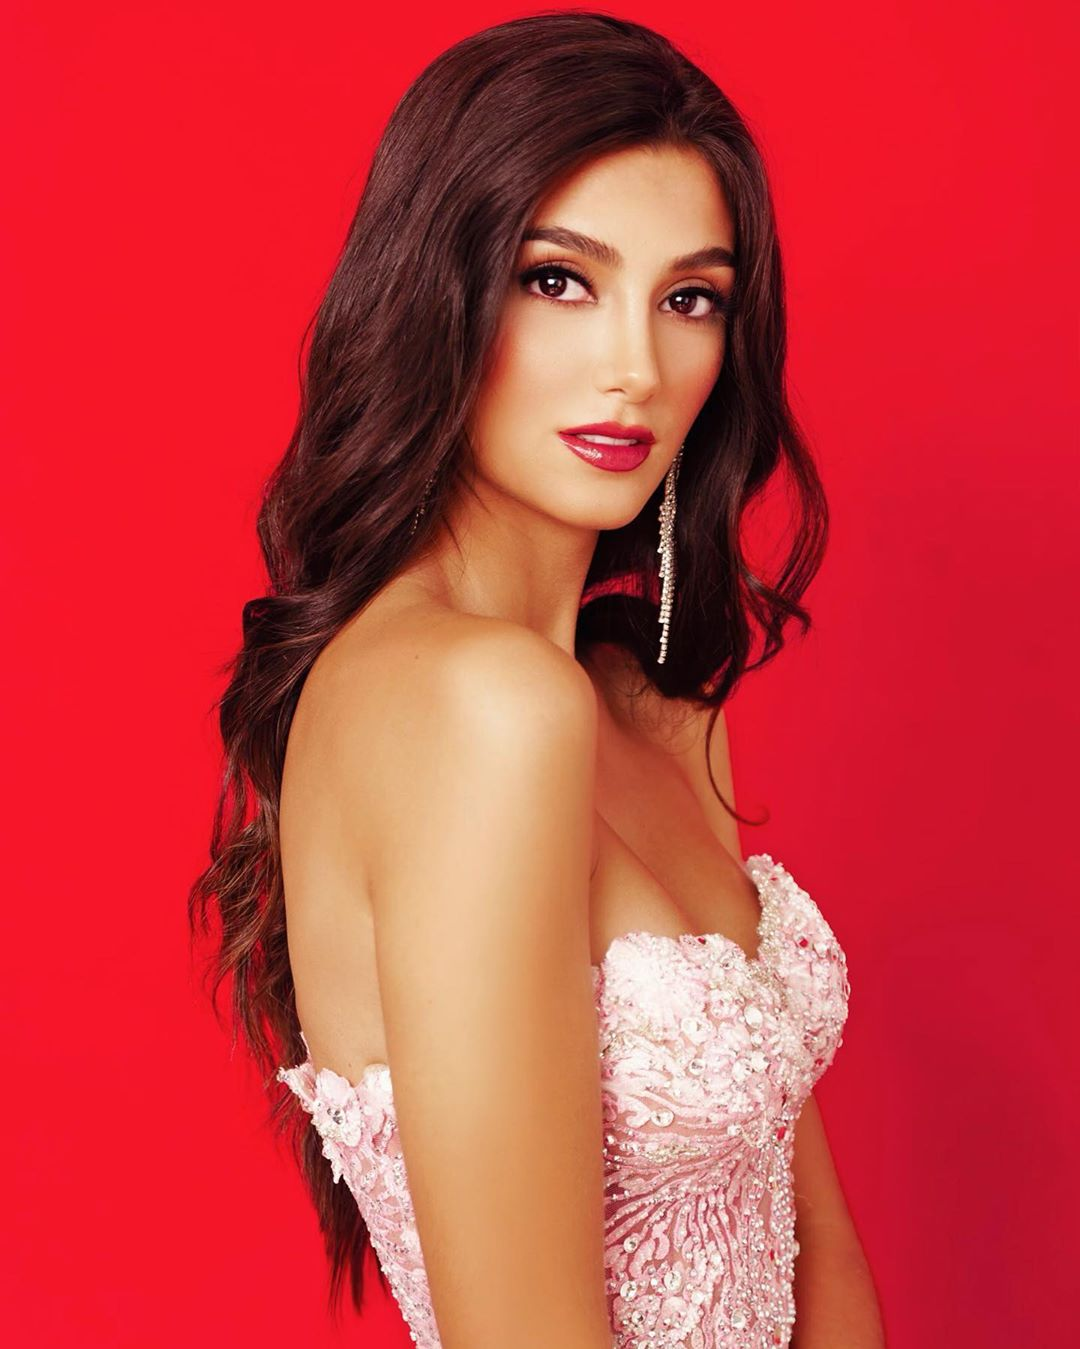 mariana jaramillo, miss charm colombia 2020. - Página 3 10172910